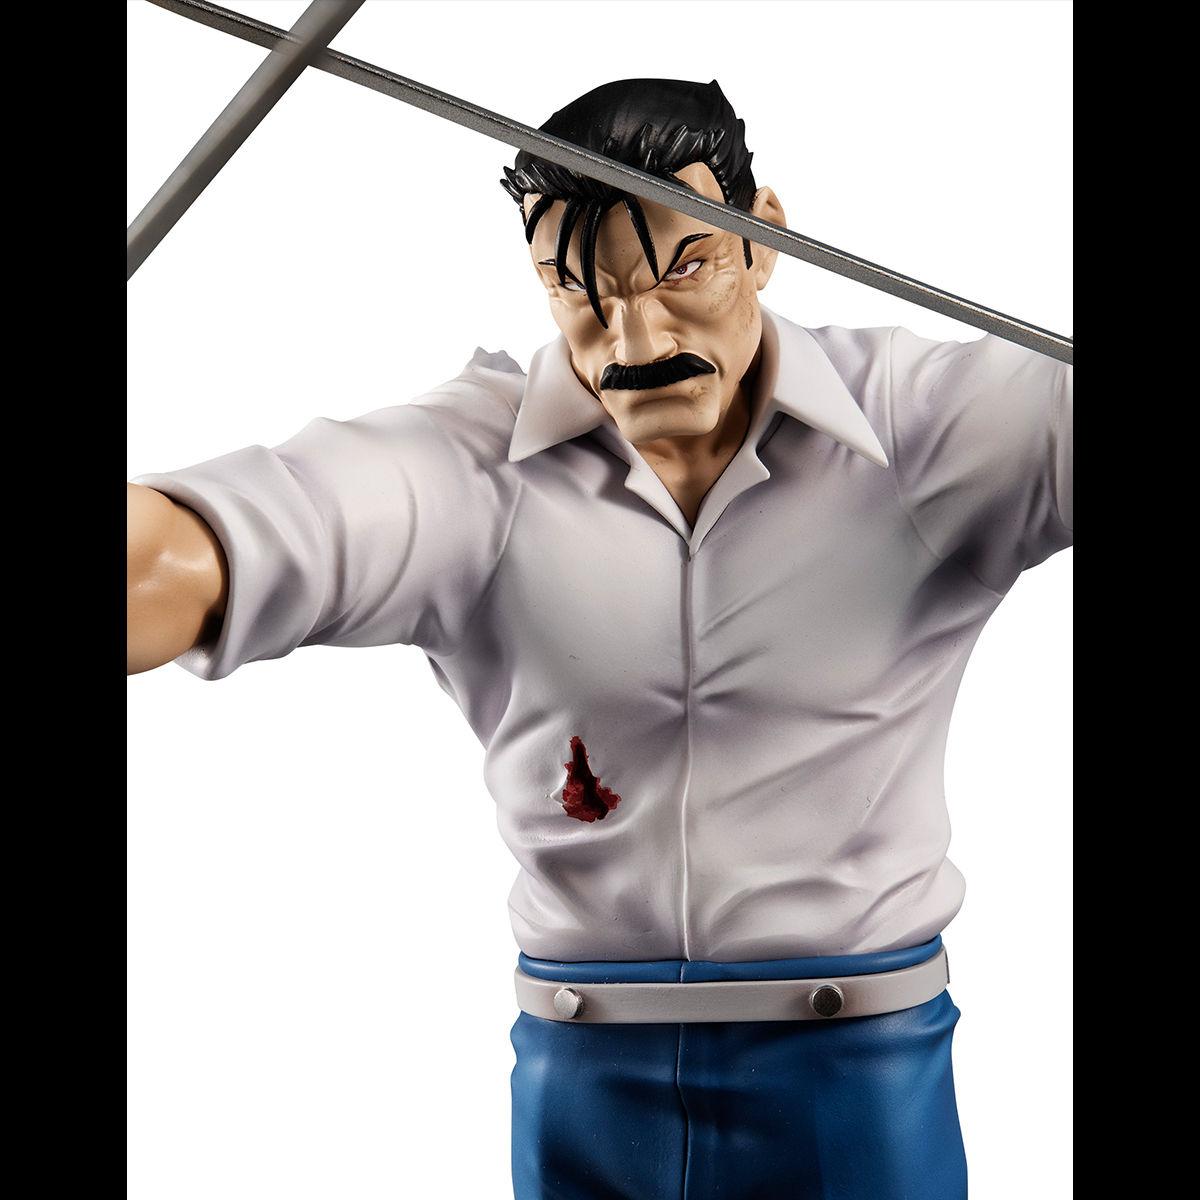 【限定販売】G.E.M.シリーズ『ラース(キング・ブラッドレイ)』鋼の錬金術師 完成品フィギュア-008